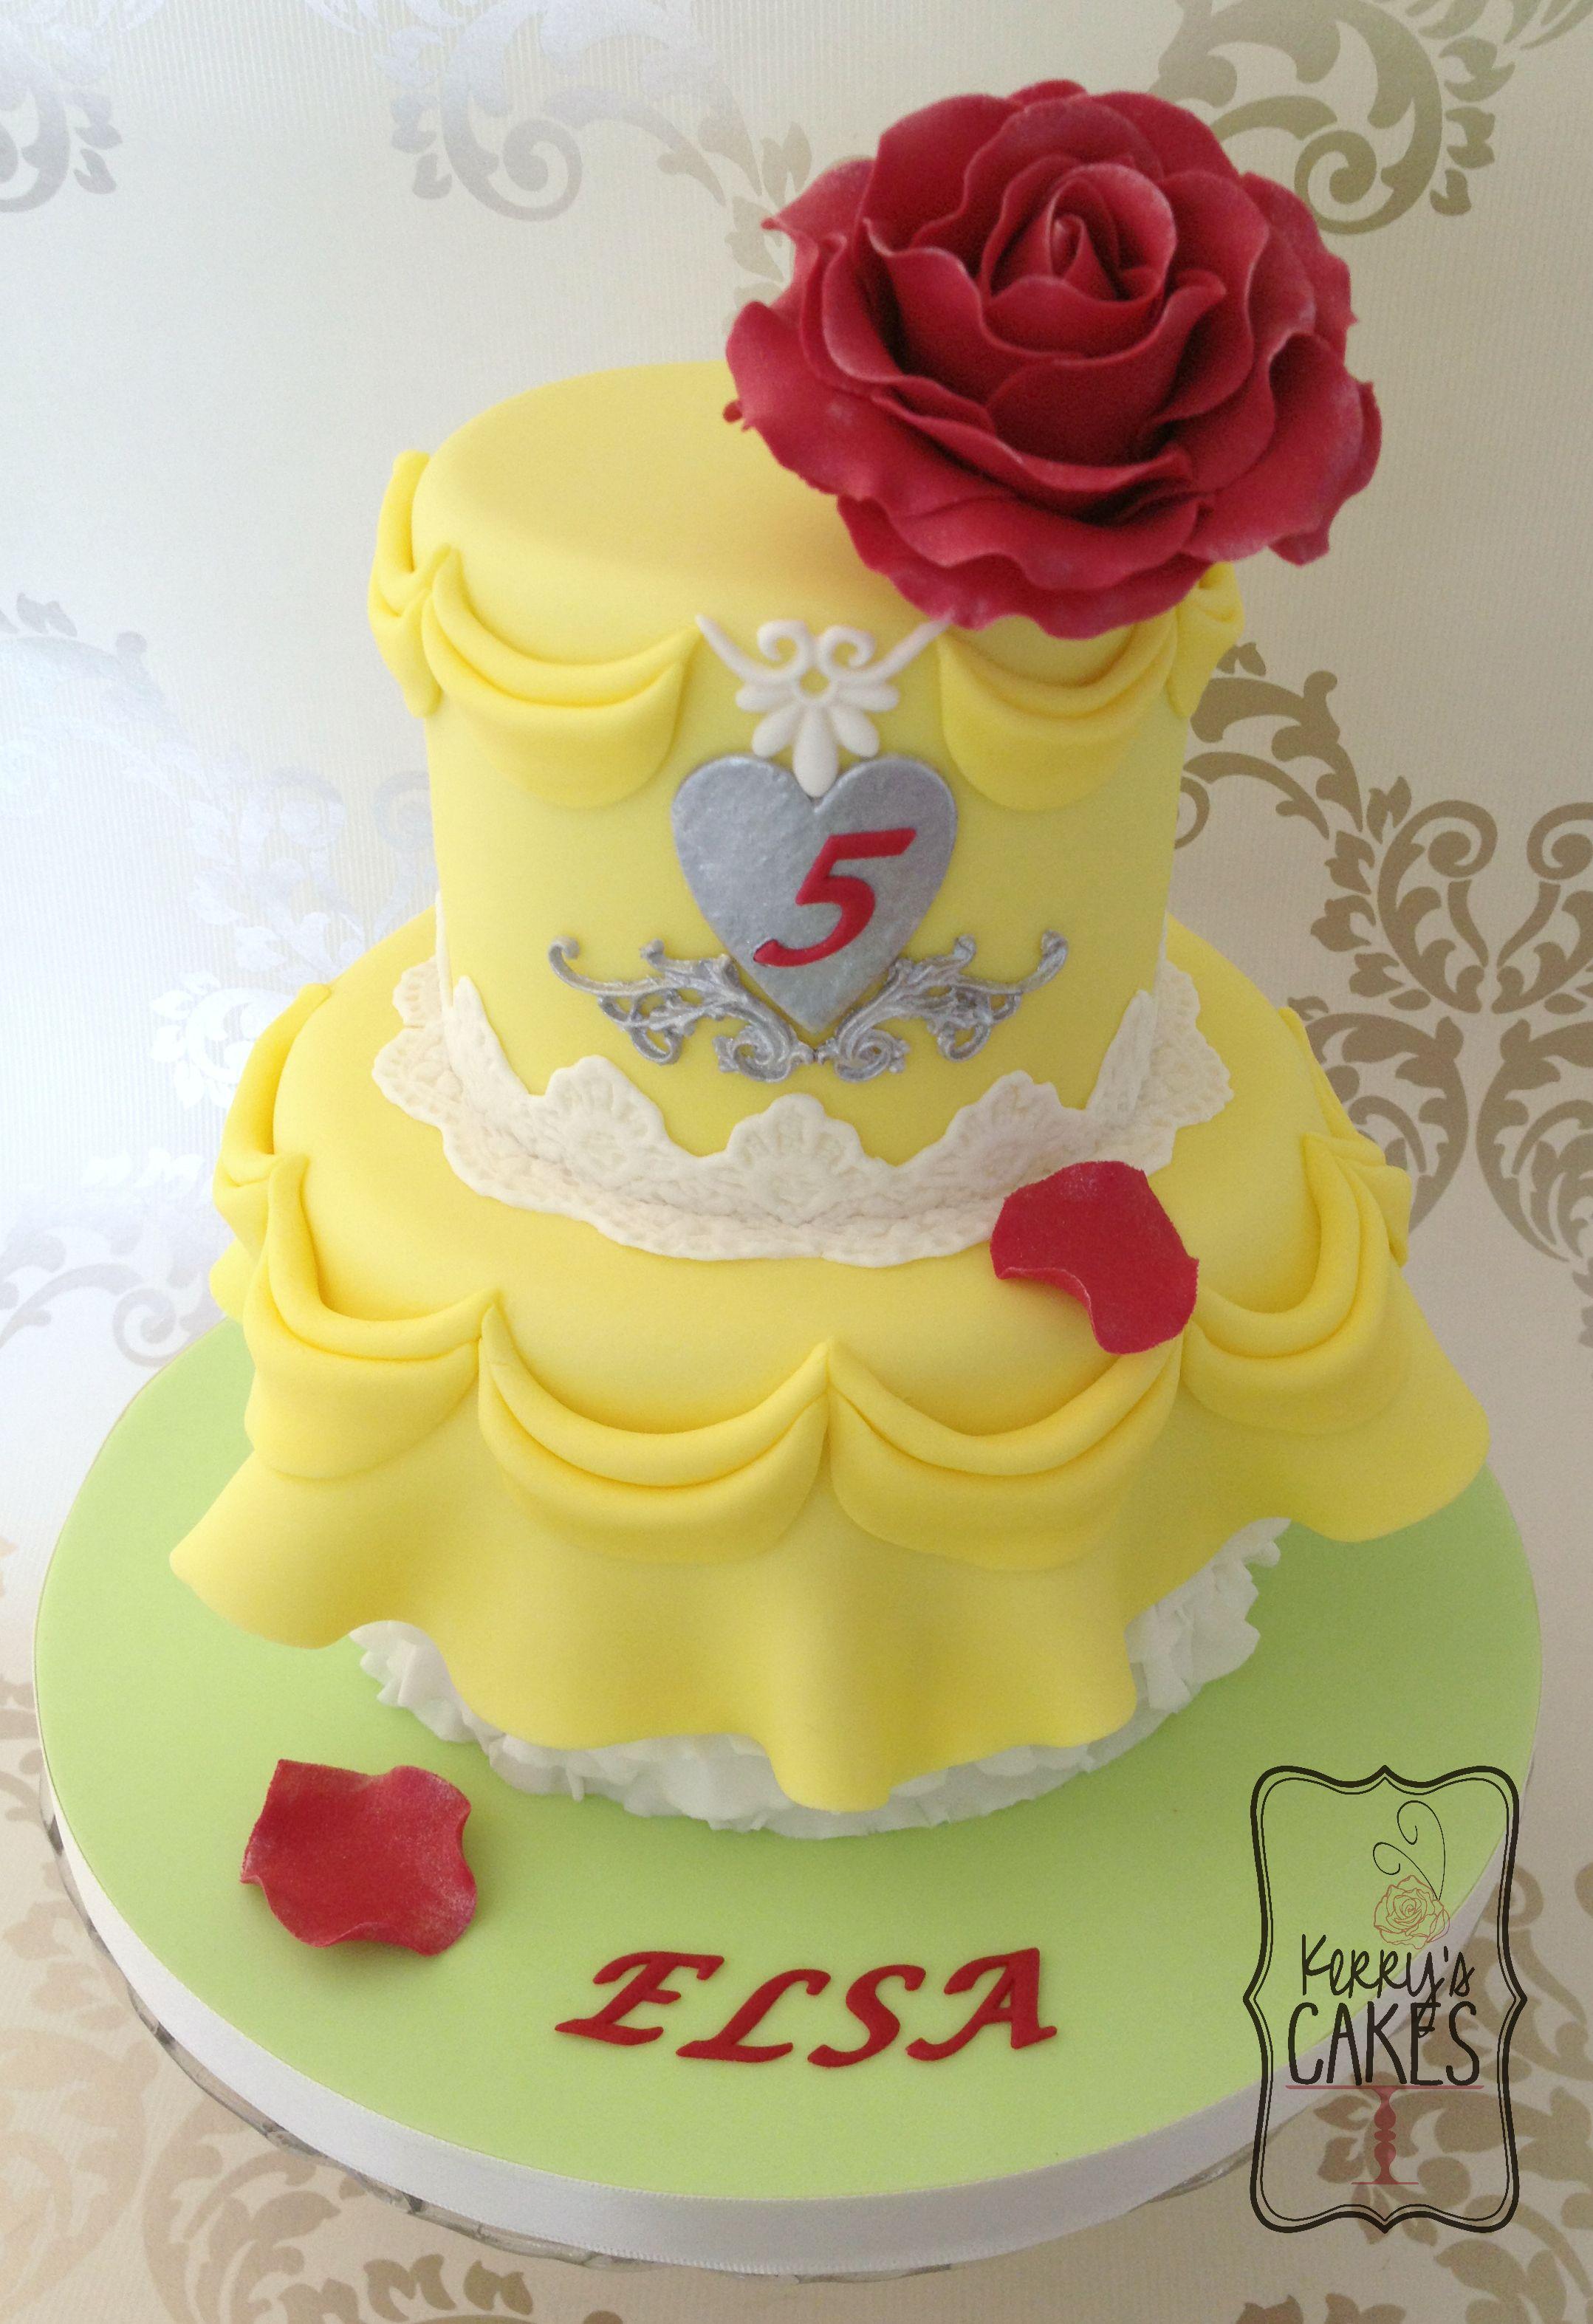 disney themed cakes recipes pinterest g teau anniversaires et anniversaire sp cial. Black Bedroom Furniture Sets. Home Design Ideas